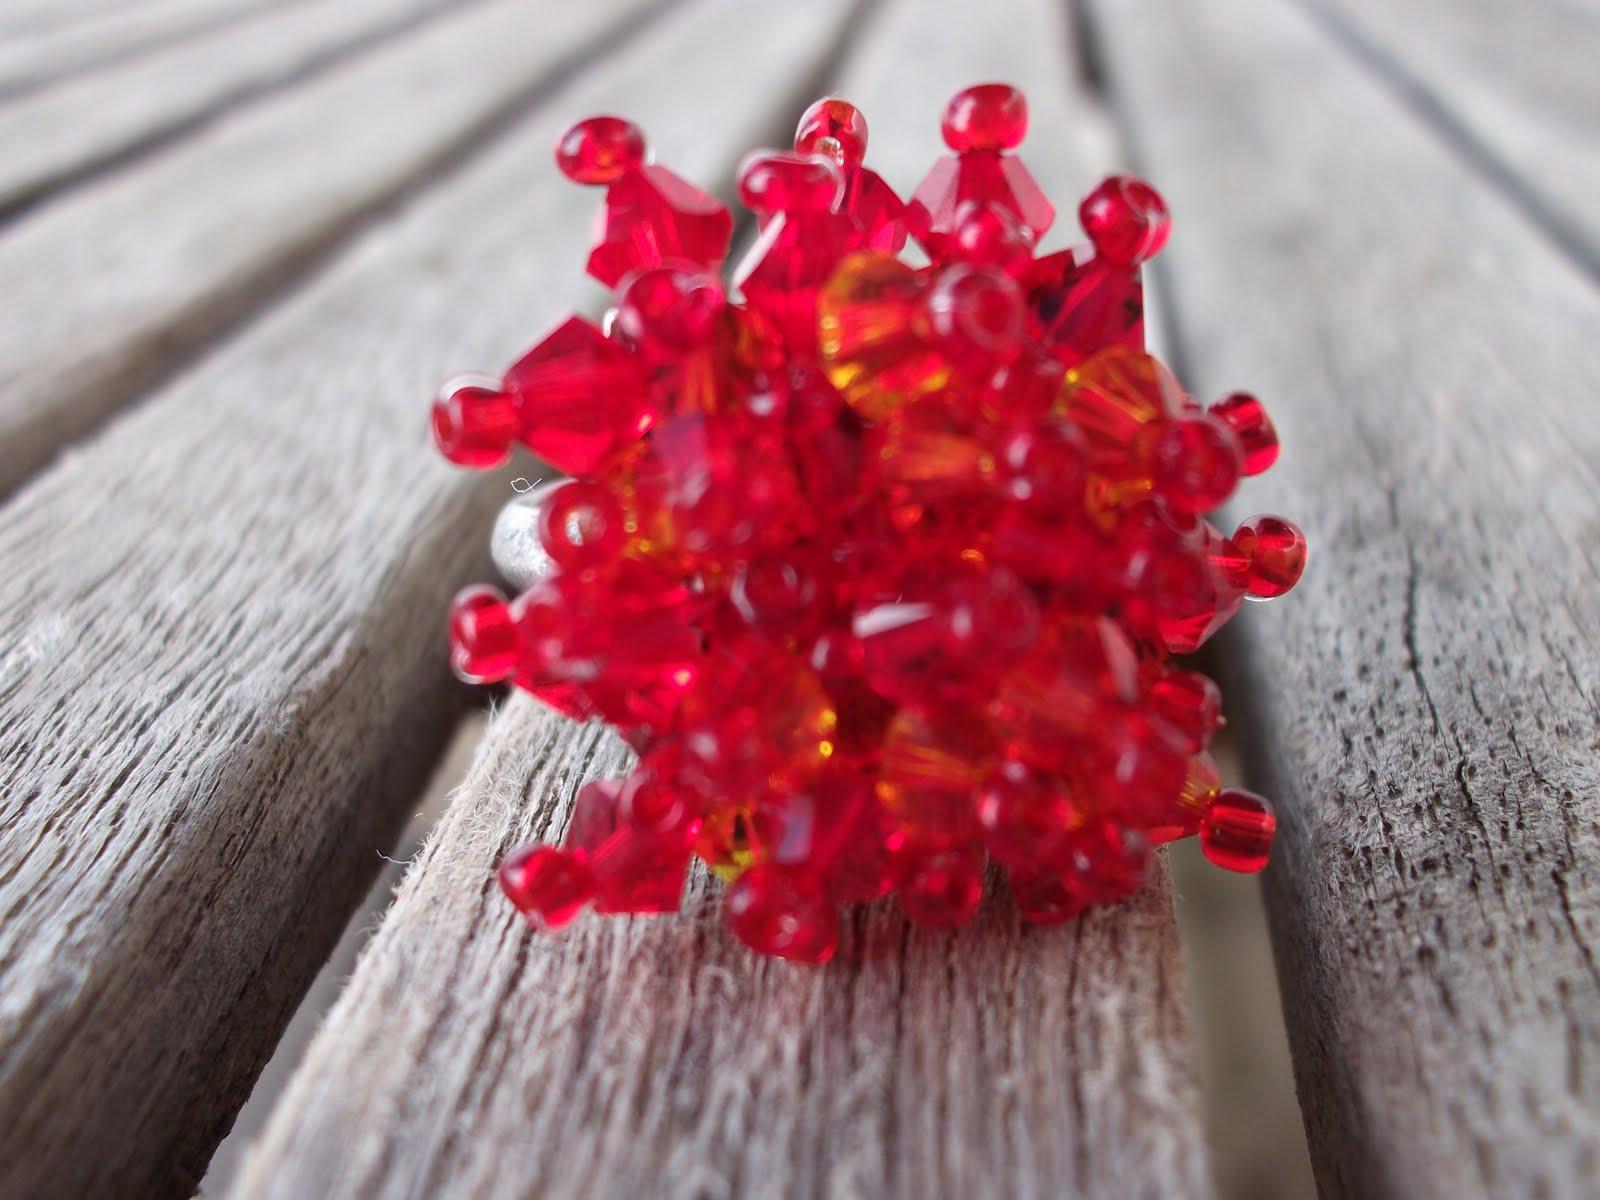 Hoy tengo poco tiempo, pero prometo que muy pronto os dejaré más cositas de bisutería mientras tanto, disfrutad de este bonito anillo!!!